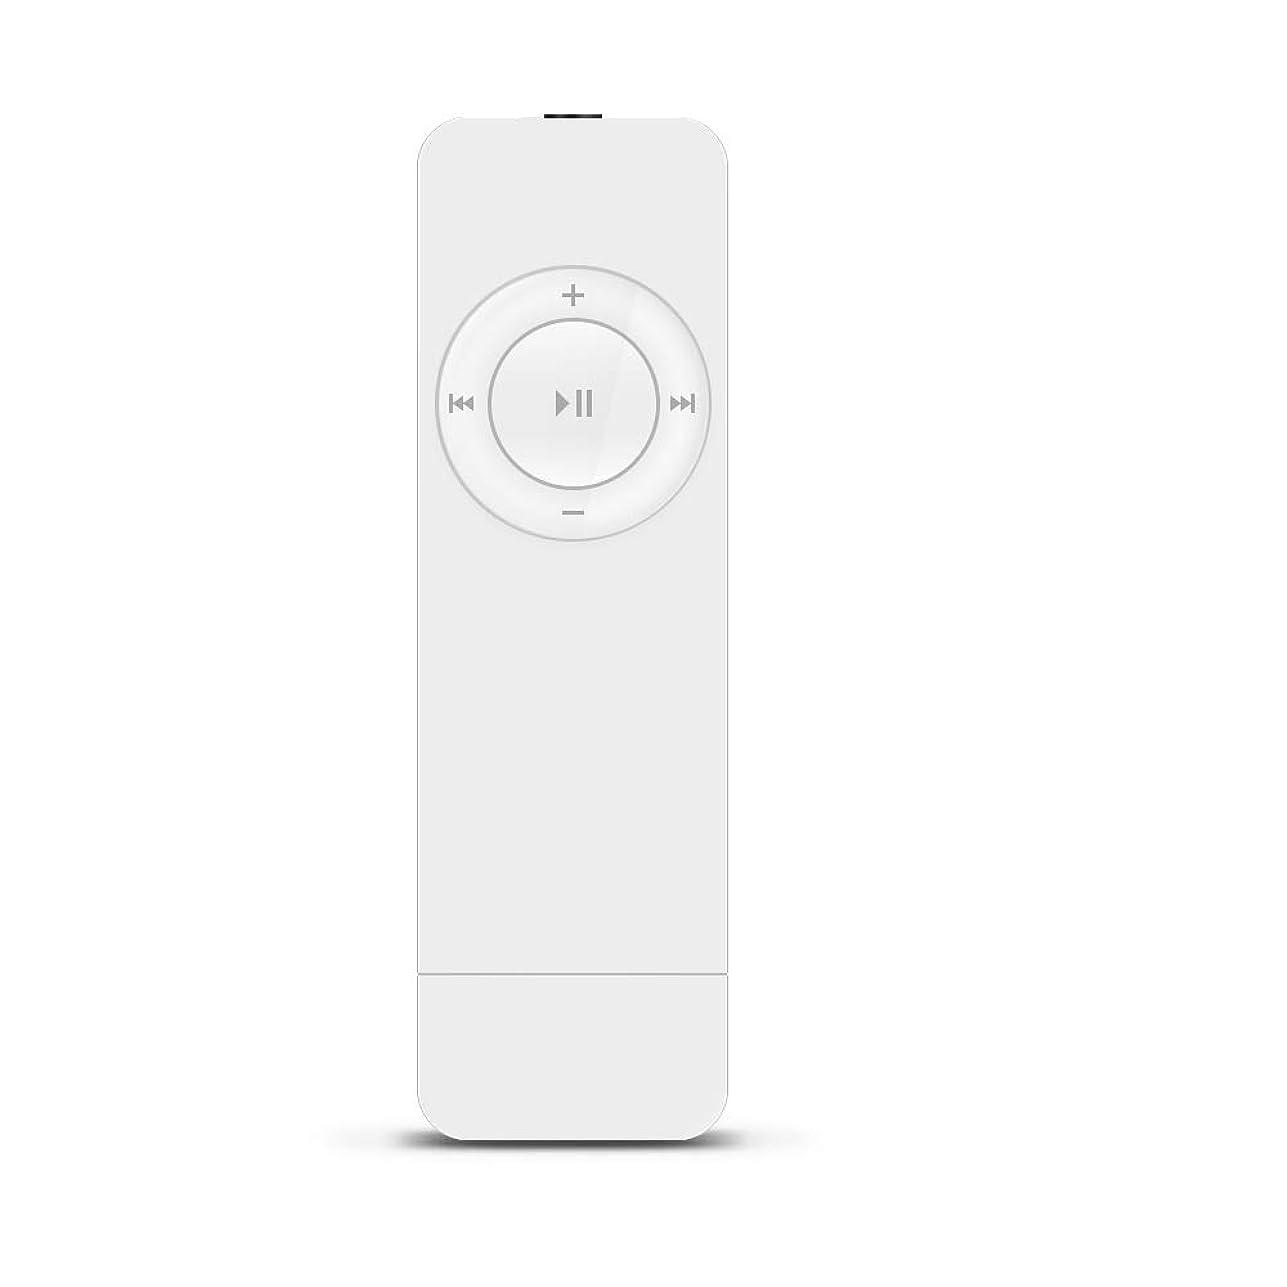 海永遠の月曜日MP3プレーヤーデジタルオーディオプレーヤー8GB内蔵小型超軽量音楽プレーヤーコンパクトUSB接続充電式HIFI高音質イヤホン付き携帯に便利スポーツ 日常 レジャー アウトドア オフィス用 (ホワイト)